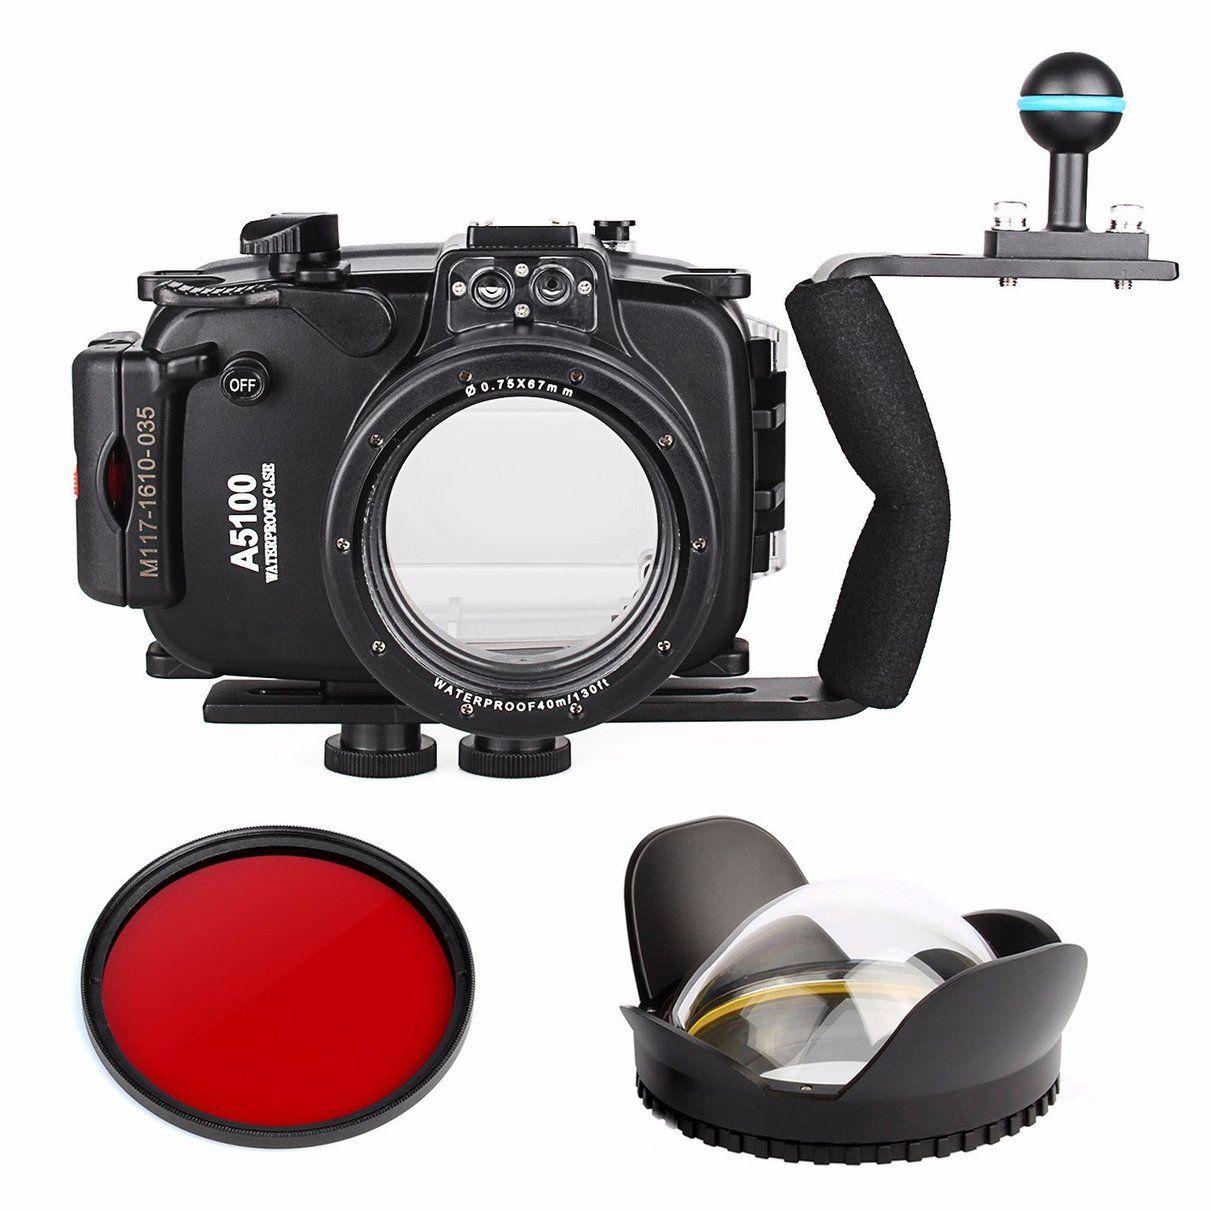 40 mt 130ft Wasserdicht Unterwasser Kamera Gehäuse Case Tasche für Sony A5100 16-50mm Objektiv + Tauchen griff + Fisheye Objektiv + Rot Filter